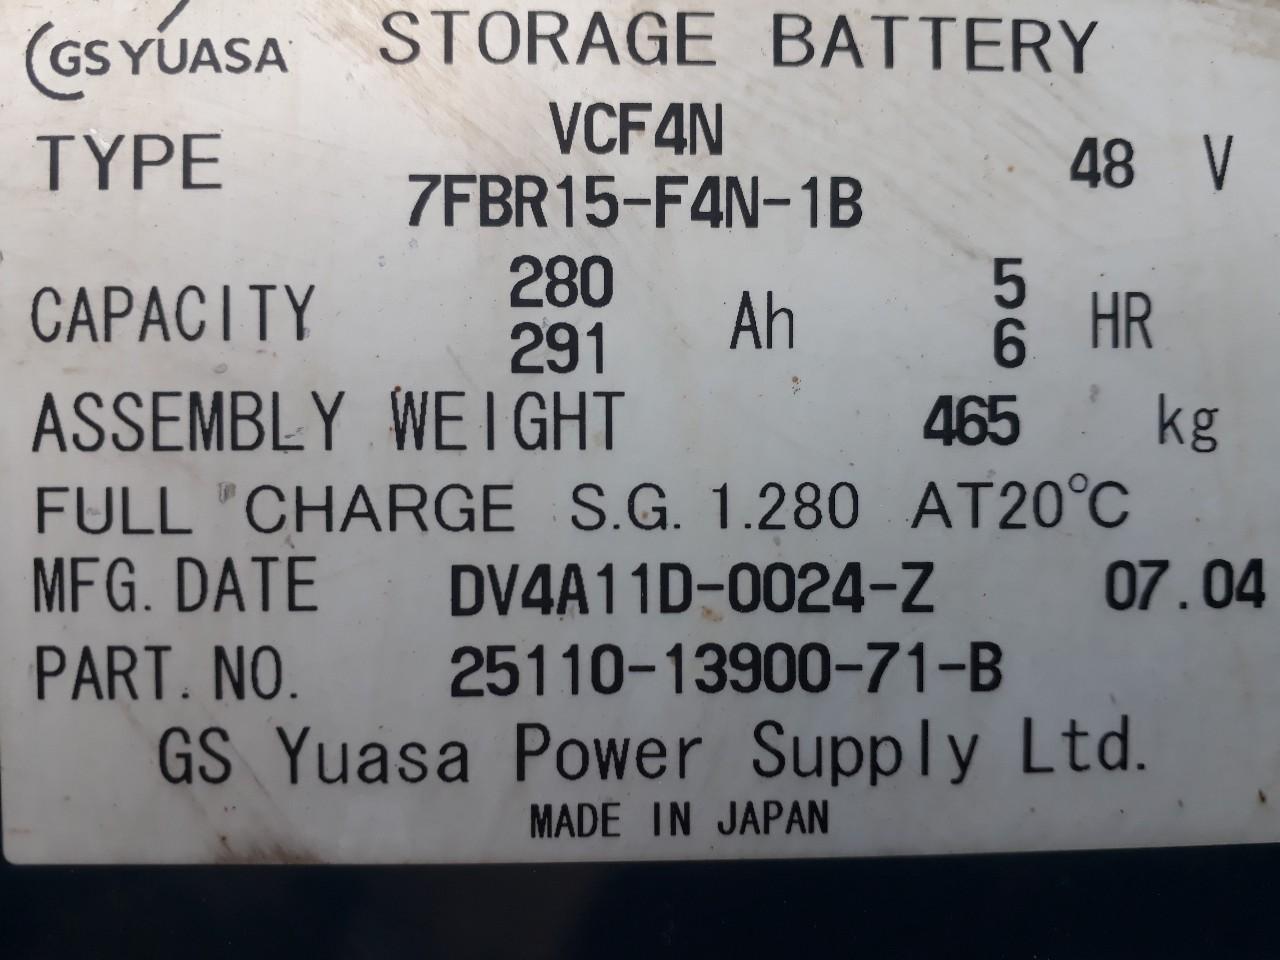 Xe nâng điện cũ hiệu Toyota Model7FBRS15, tải trọng 1.5 tấn, nâng cao 5.5m, sản xuất năm 2007